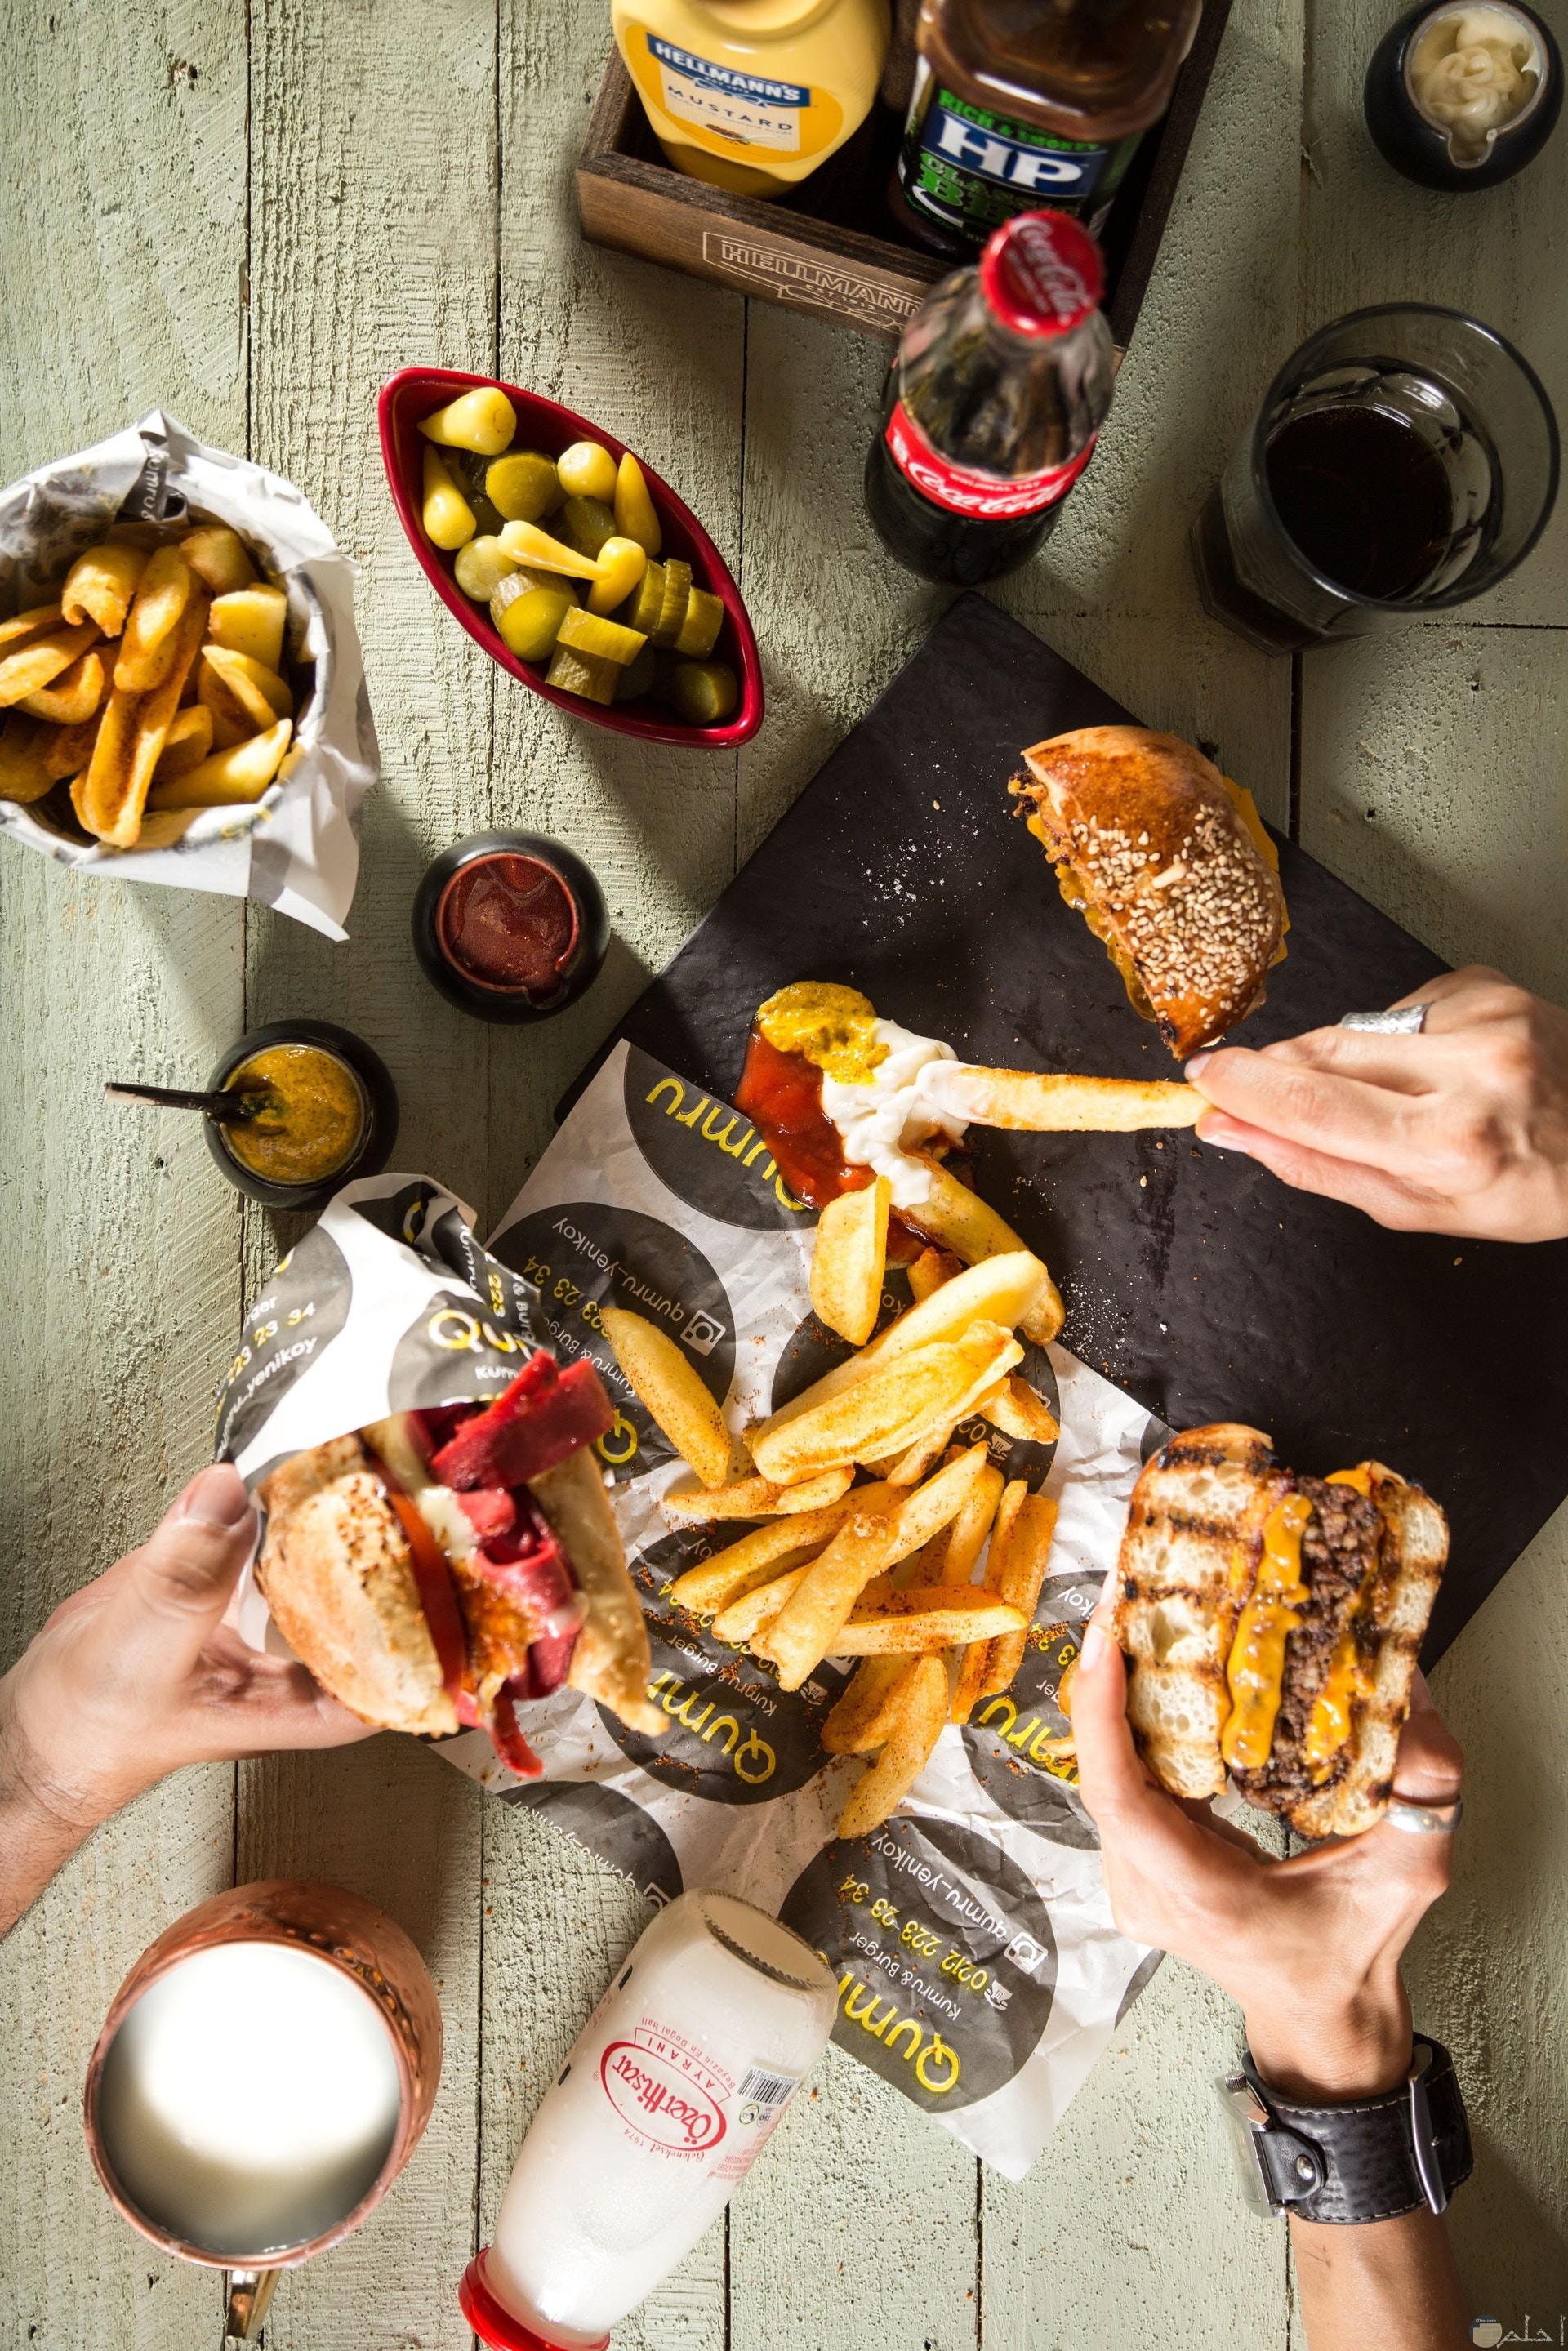 صورة مميزة لمجموعة من الأصدقاء يأكلون البرجر مع البطاطس